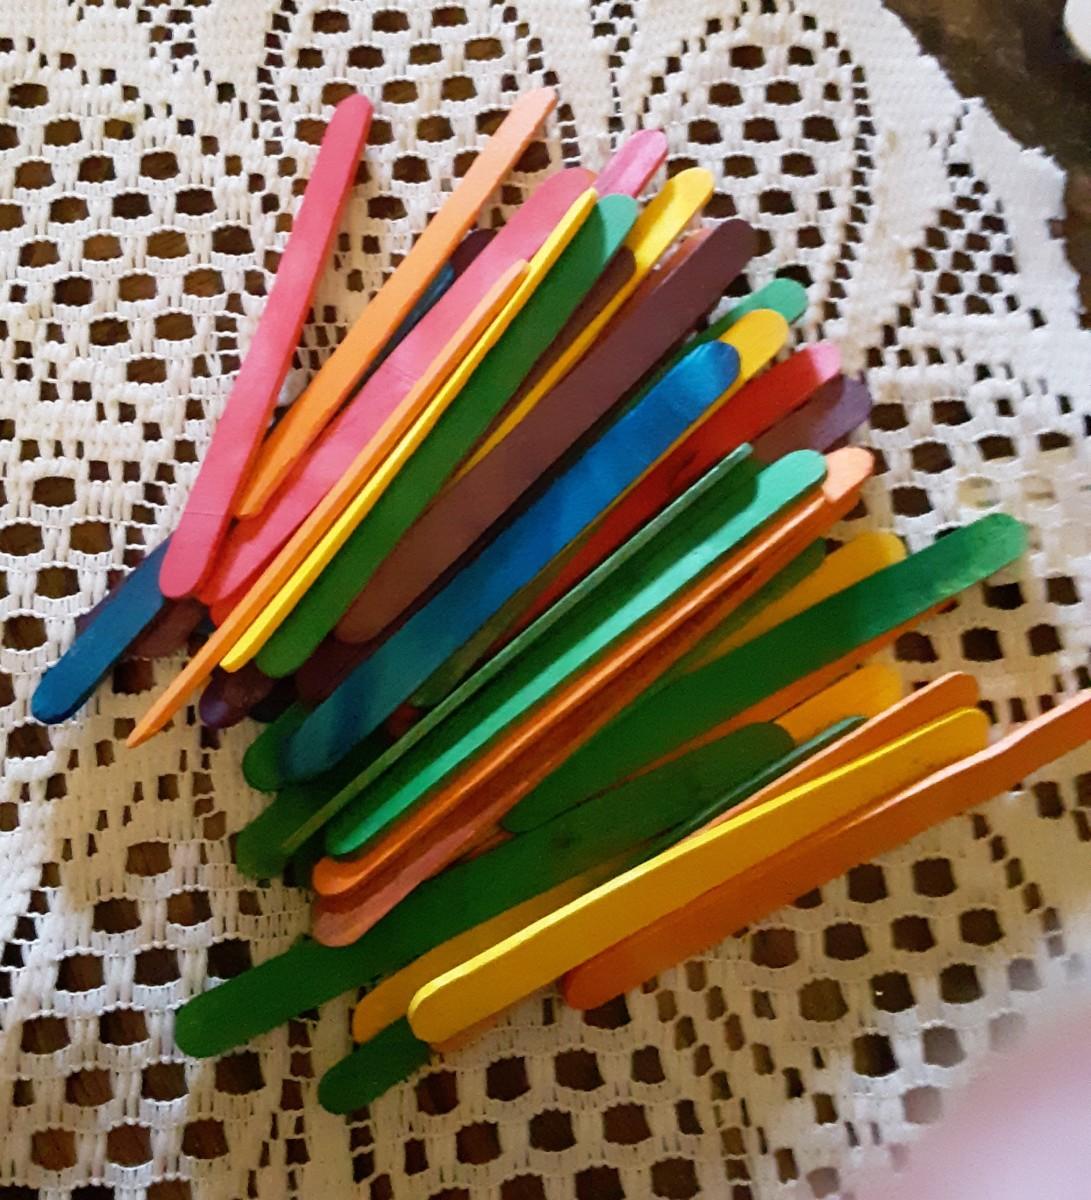 Lollipop sticks come painted or plain.